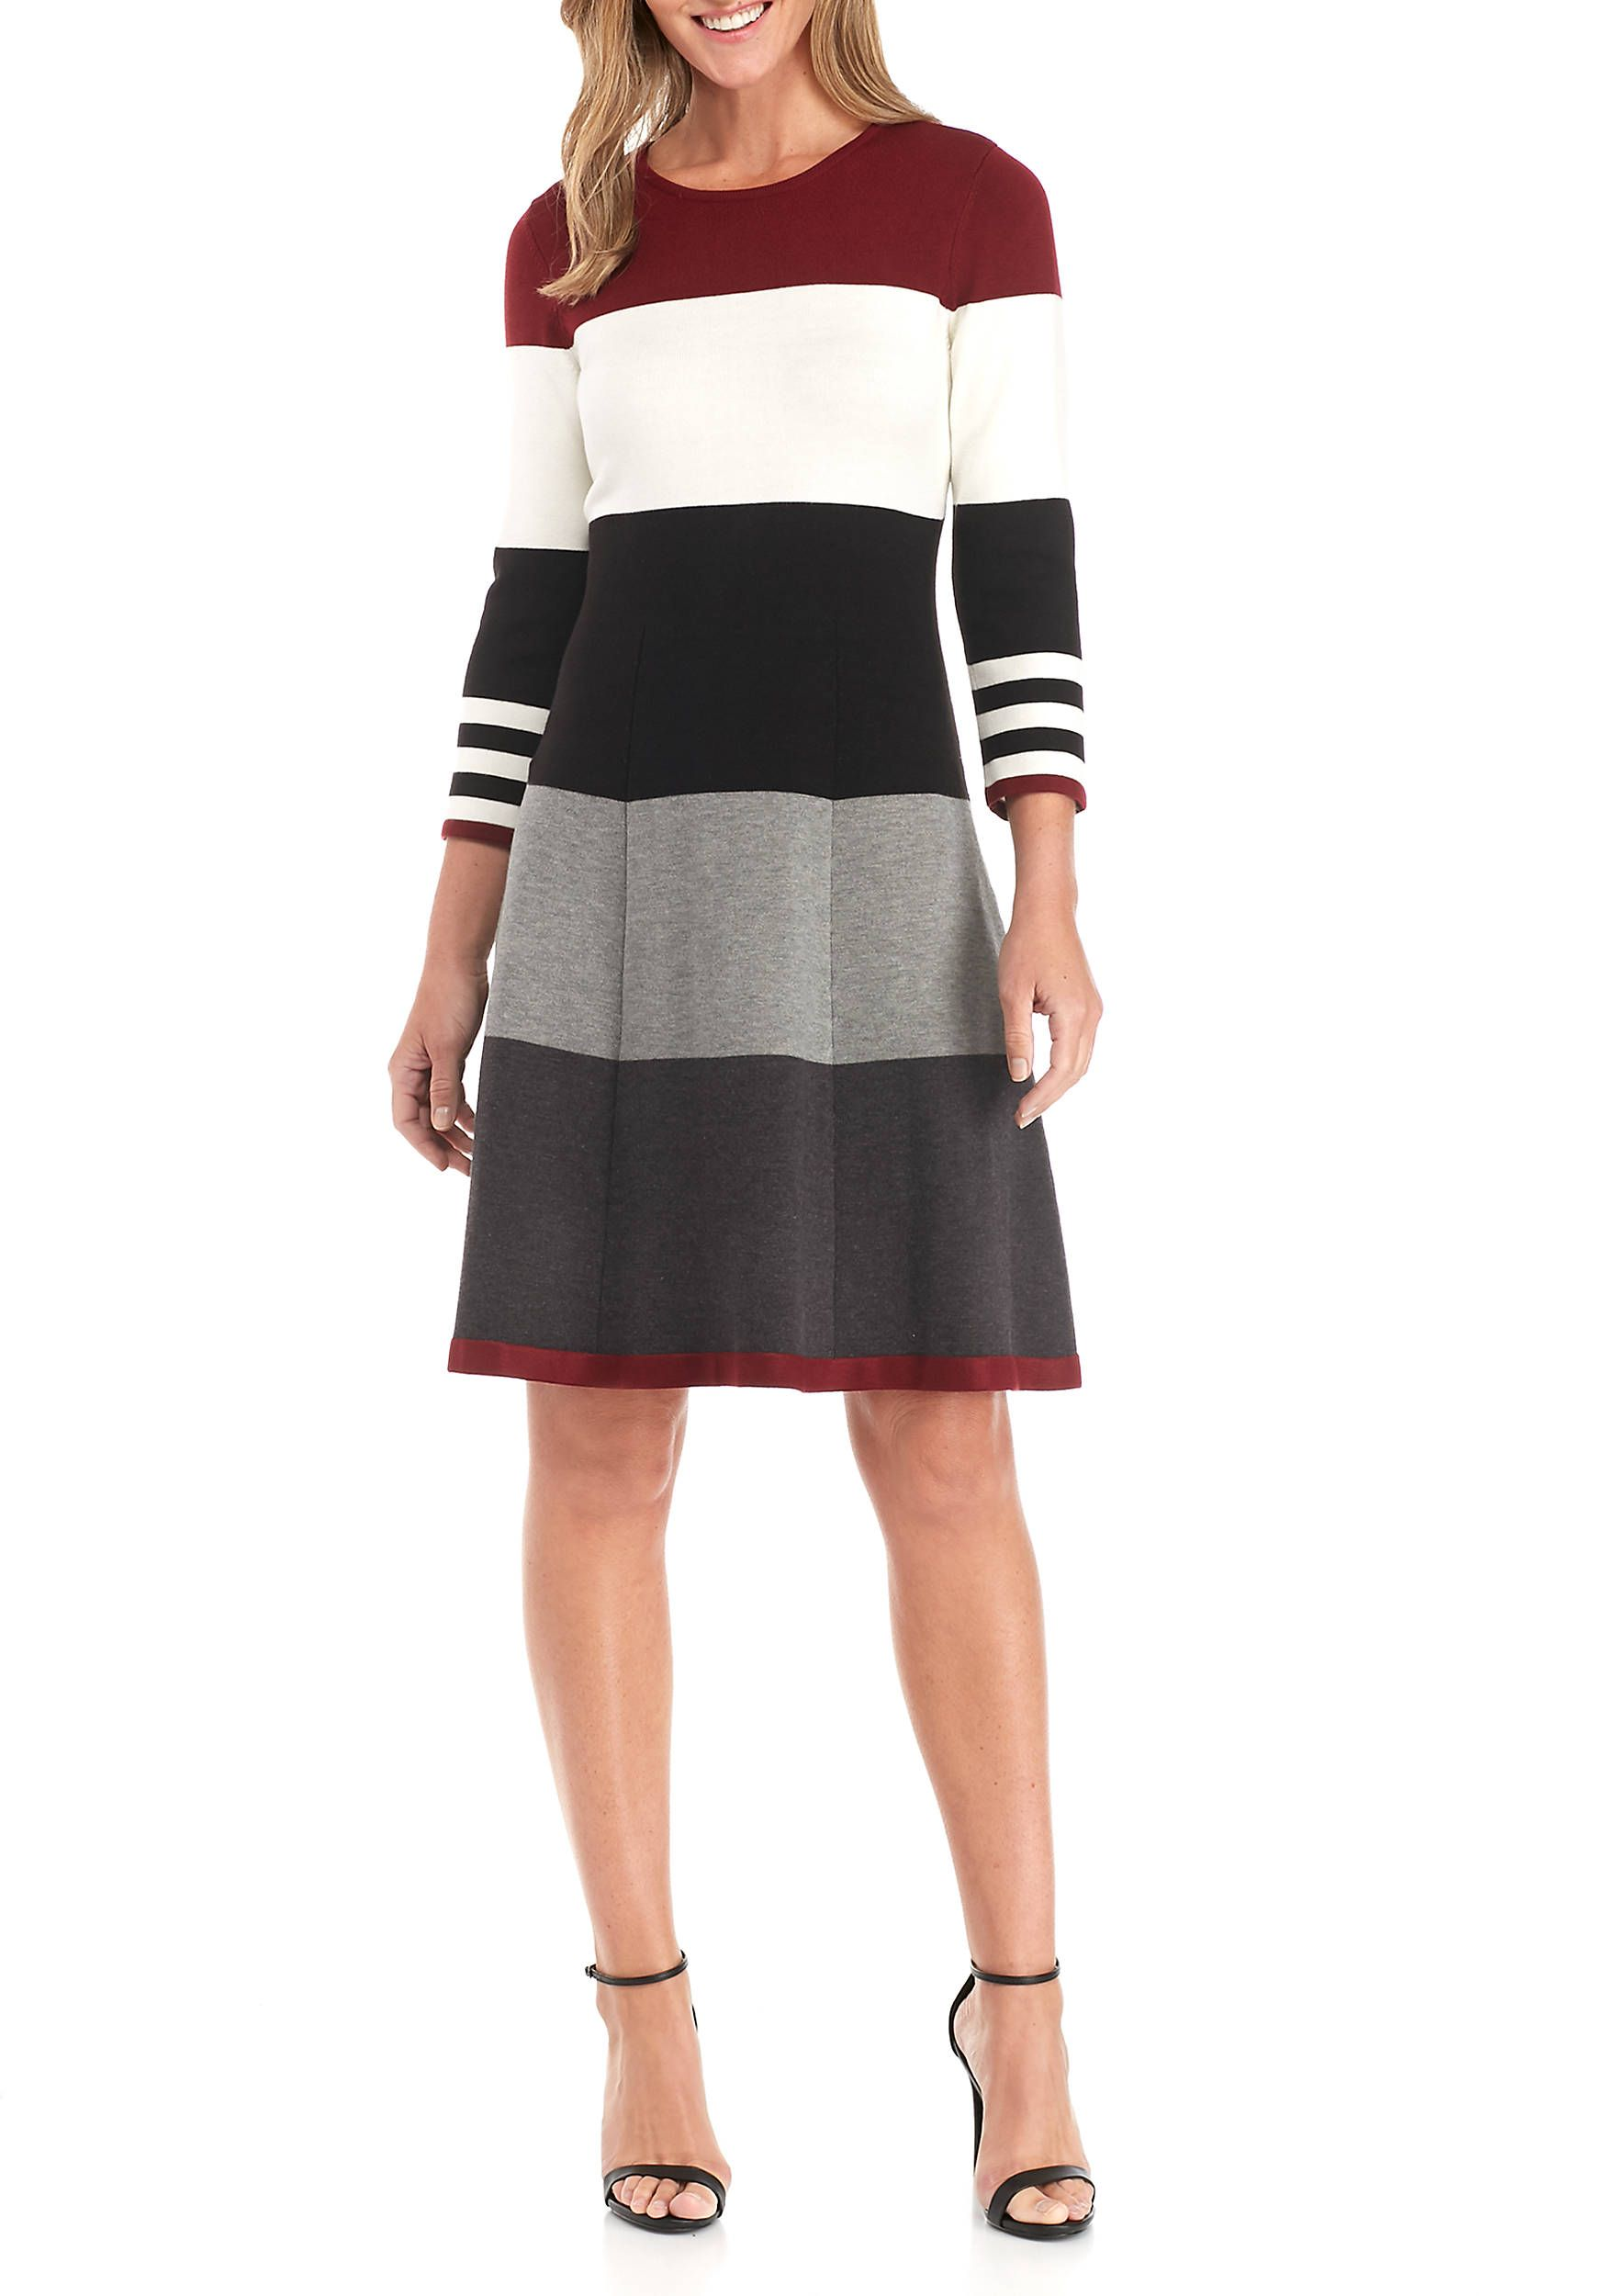 426c46f8147 Jessica Howard Long Sleeve Wide Stripe Sweater Dress